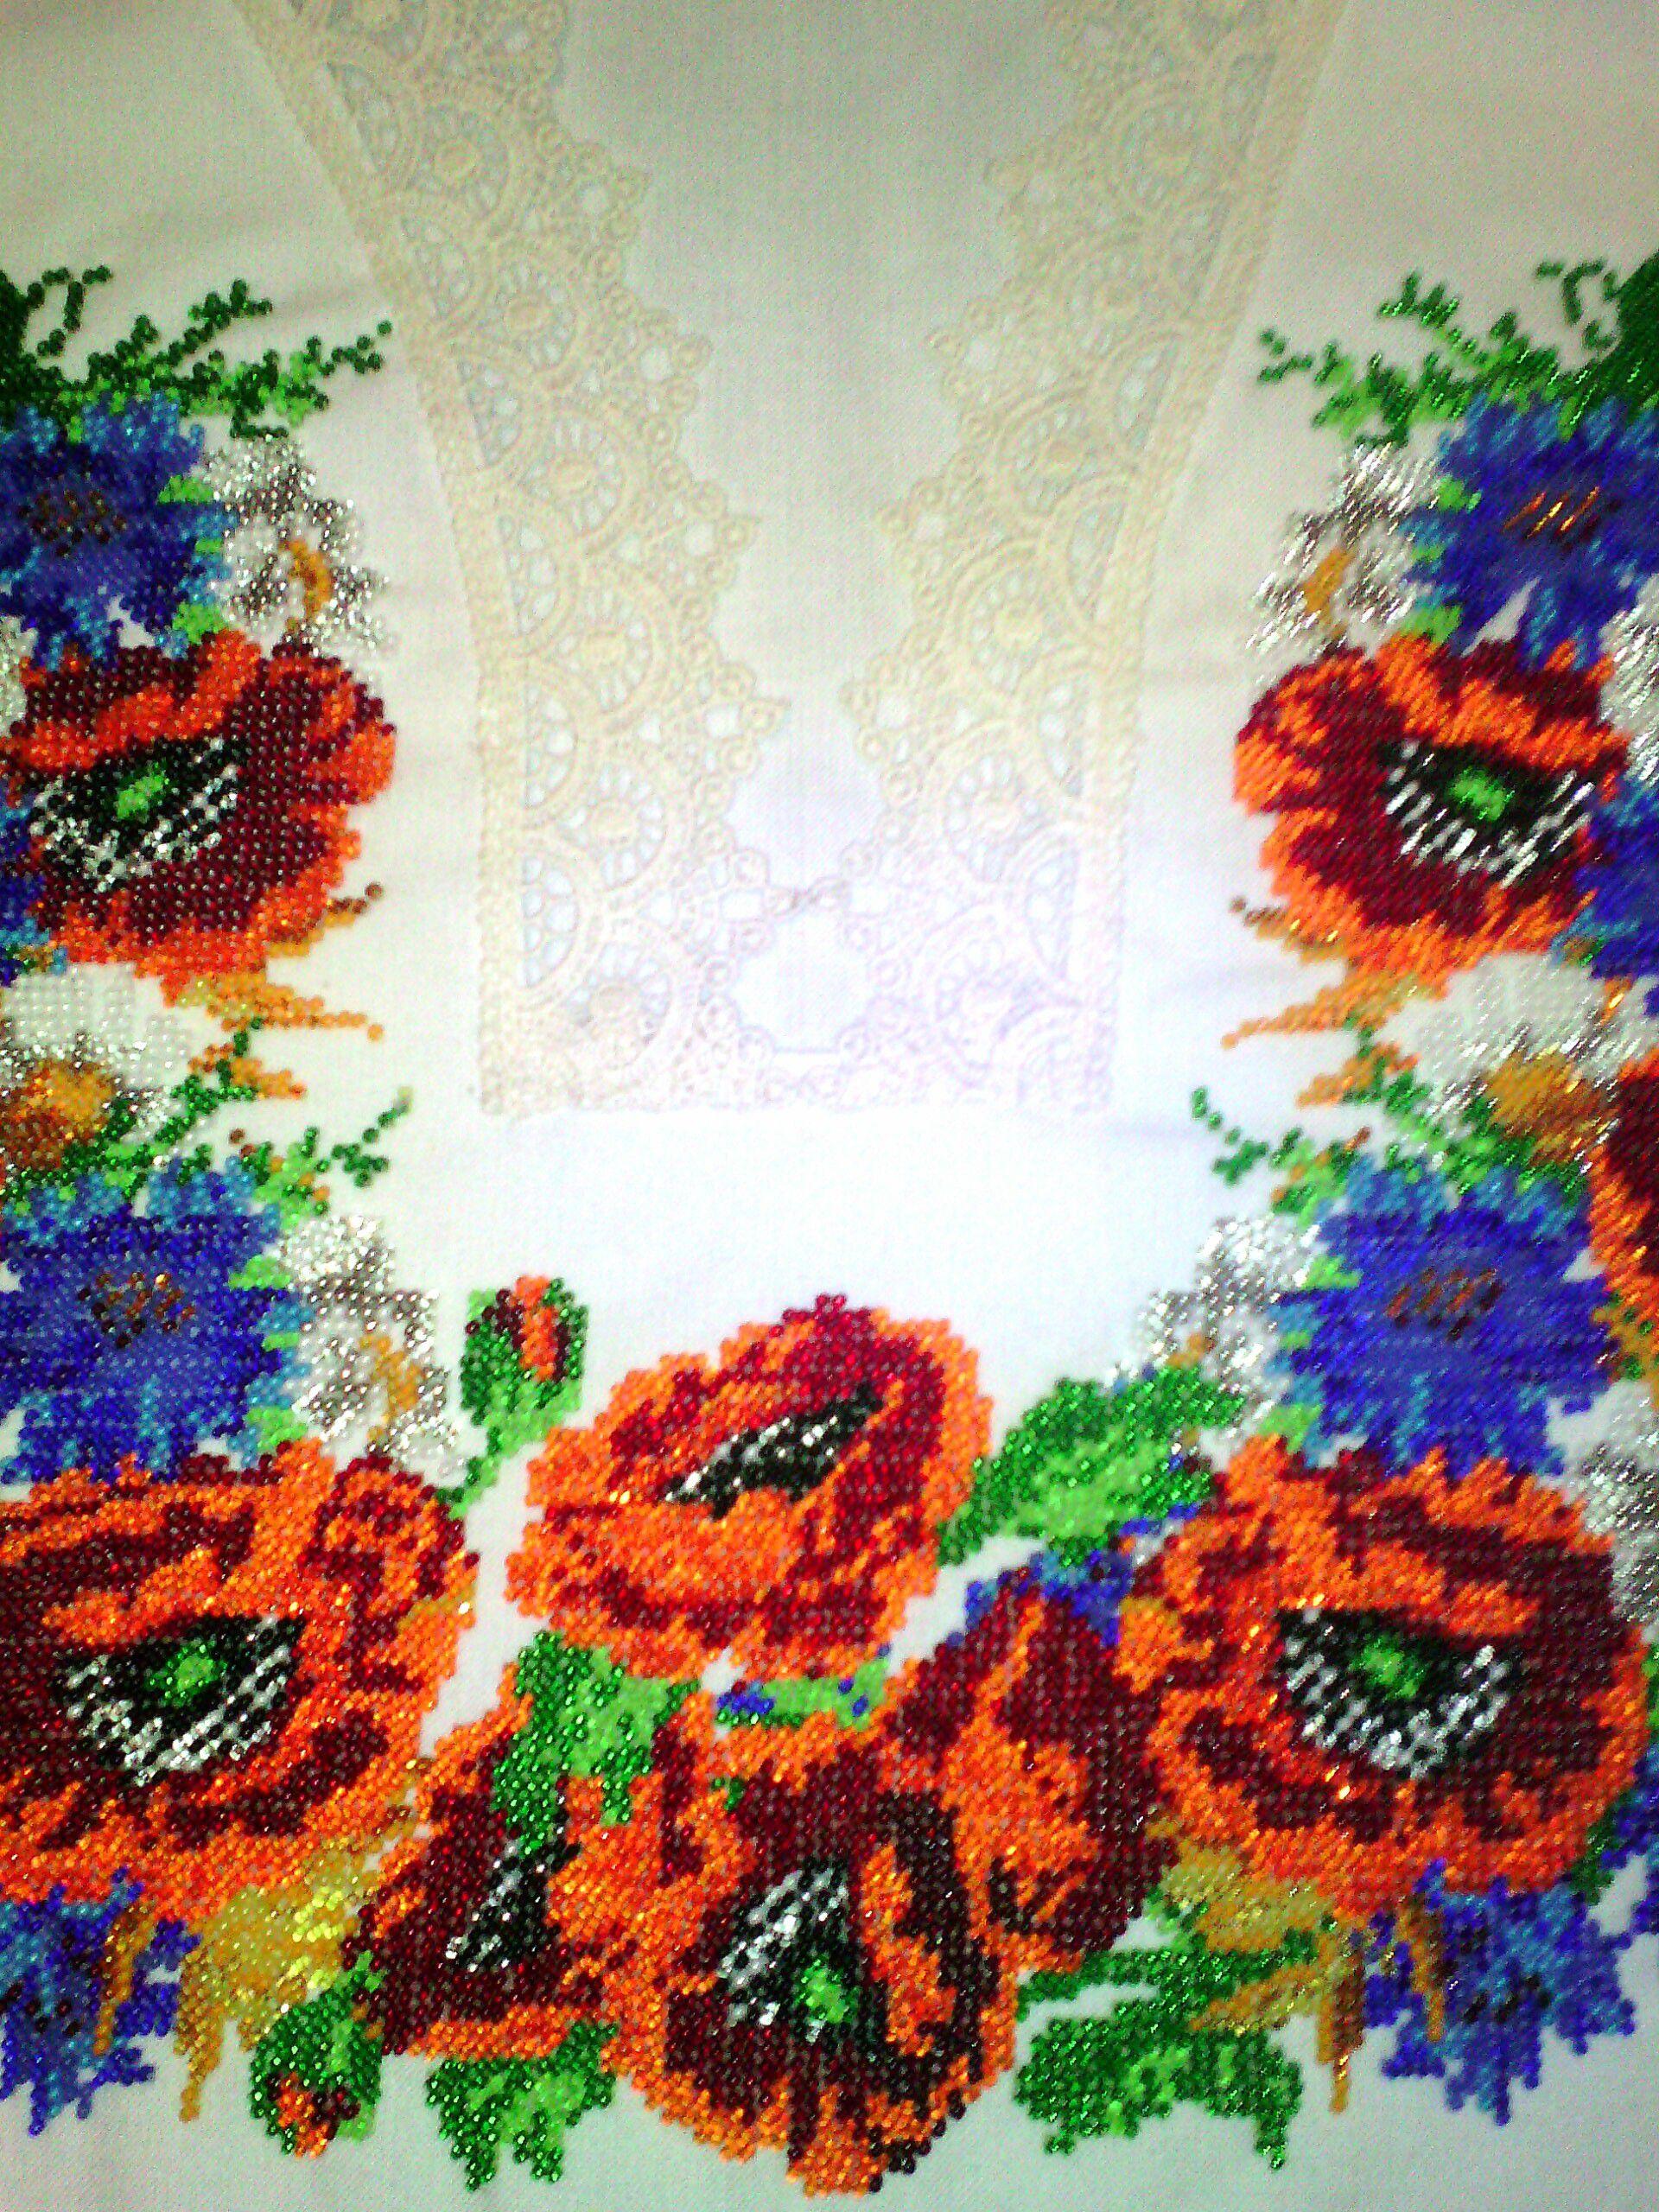 подарок вышиванка васильки блузка чешский бисер женщине маки